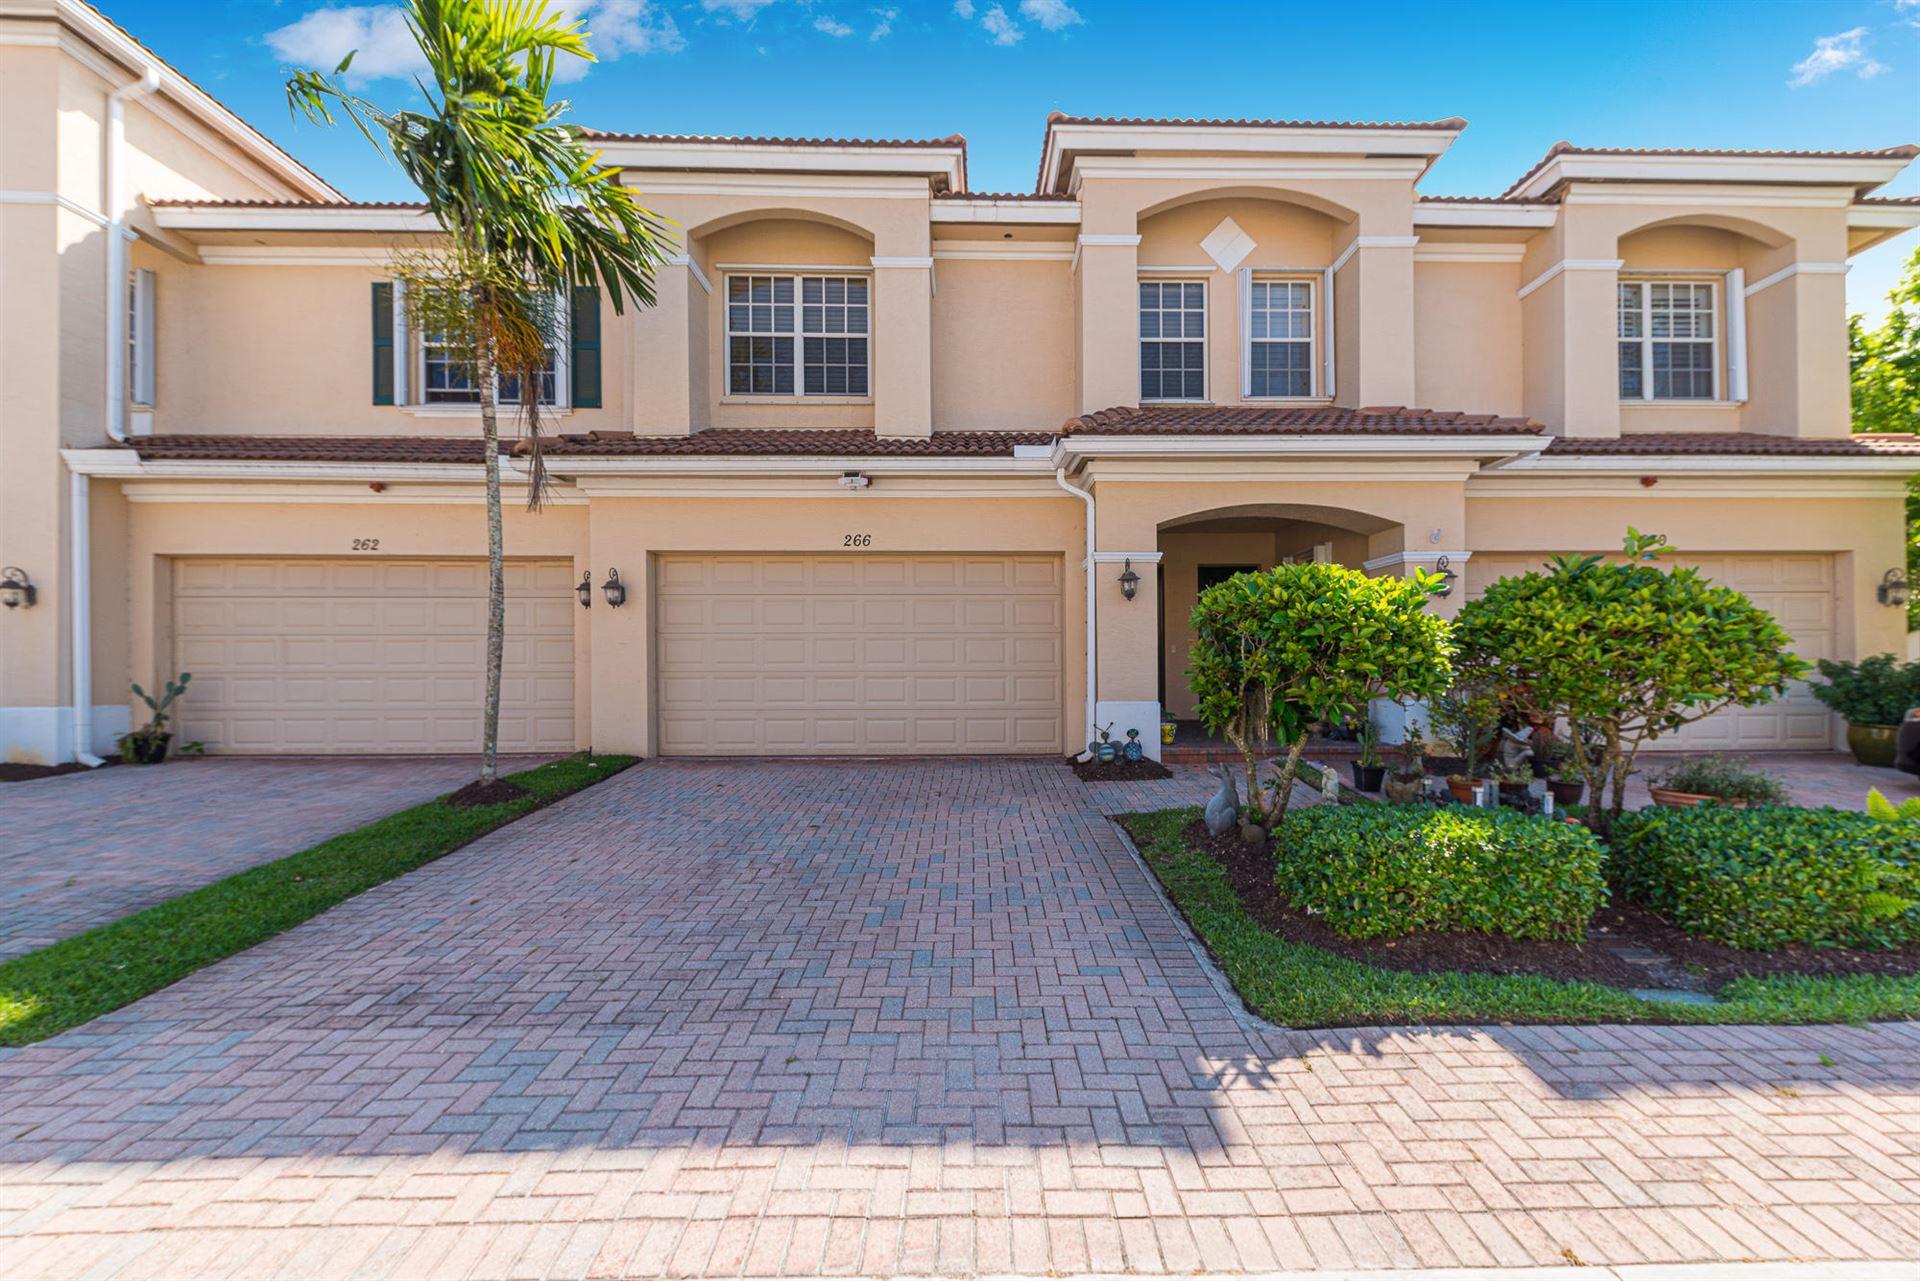 266 SW Walking Path, Stuart, FL 34997 - #: RX-10706879